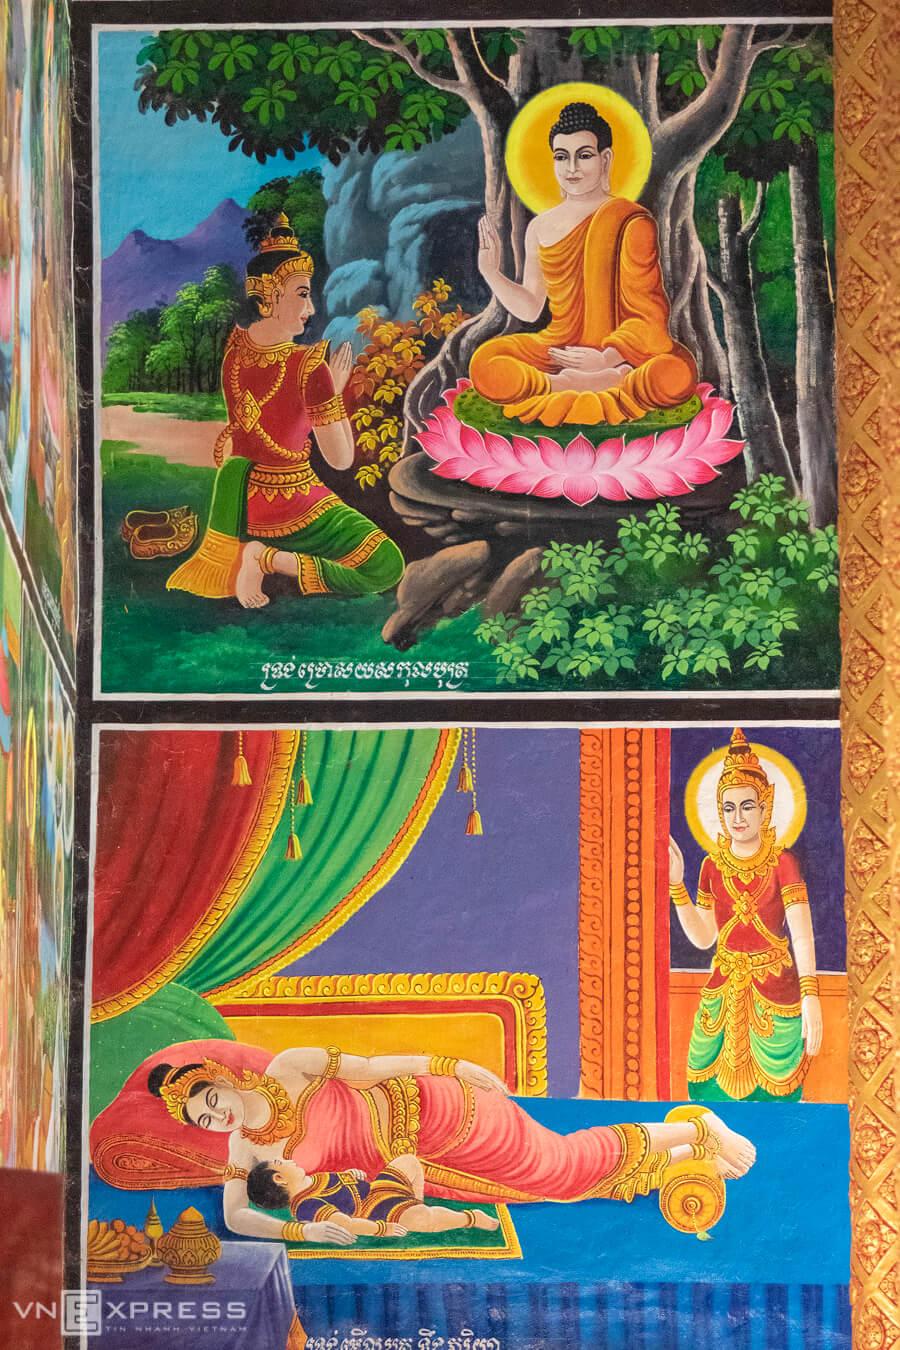 Nhiều chi tiết trong chánh điện được trang trí phù điêu bích họa cầu kỳ, công phu, nhiều màu sắc mang đậm dấu ấn nhà Phật.